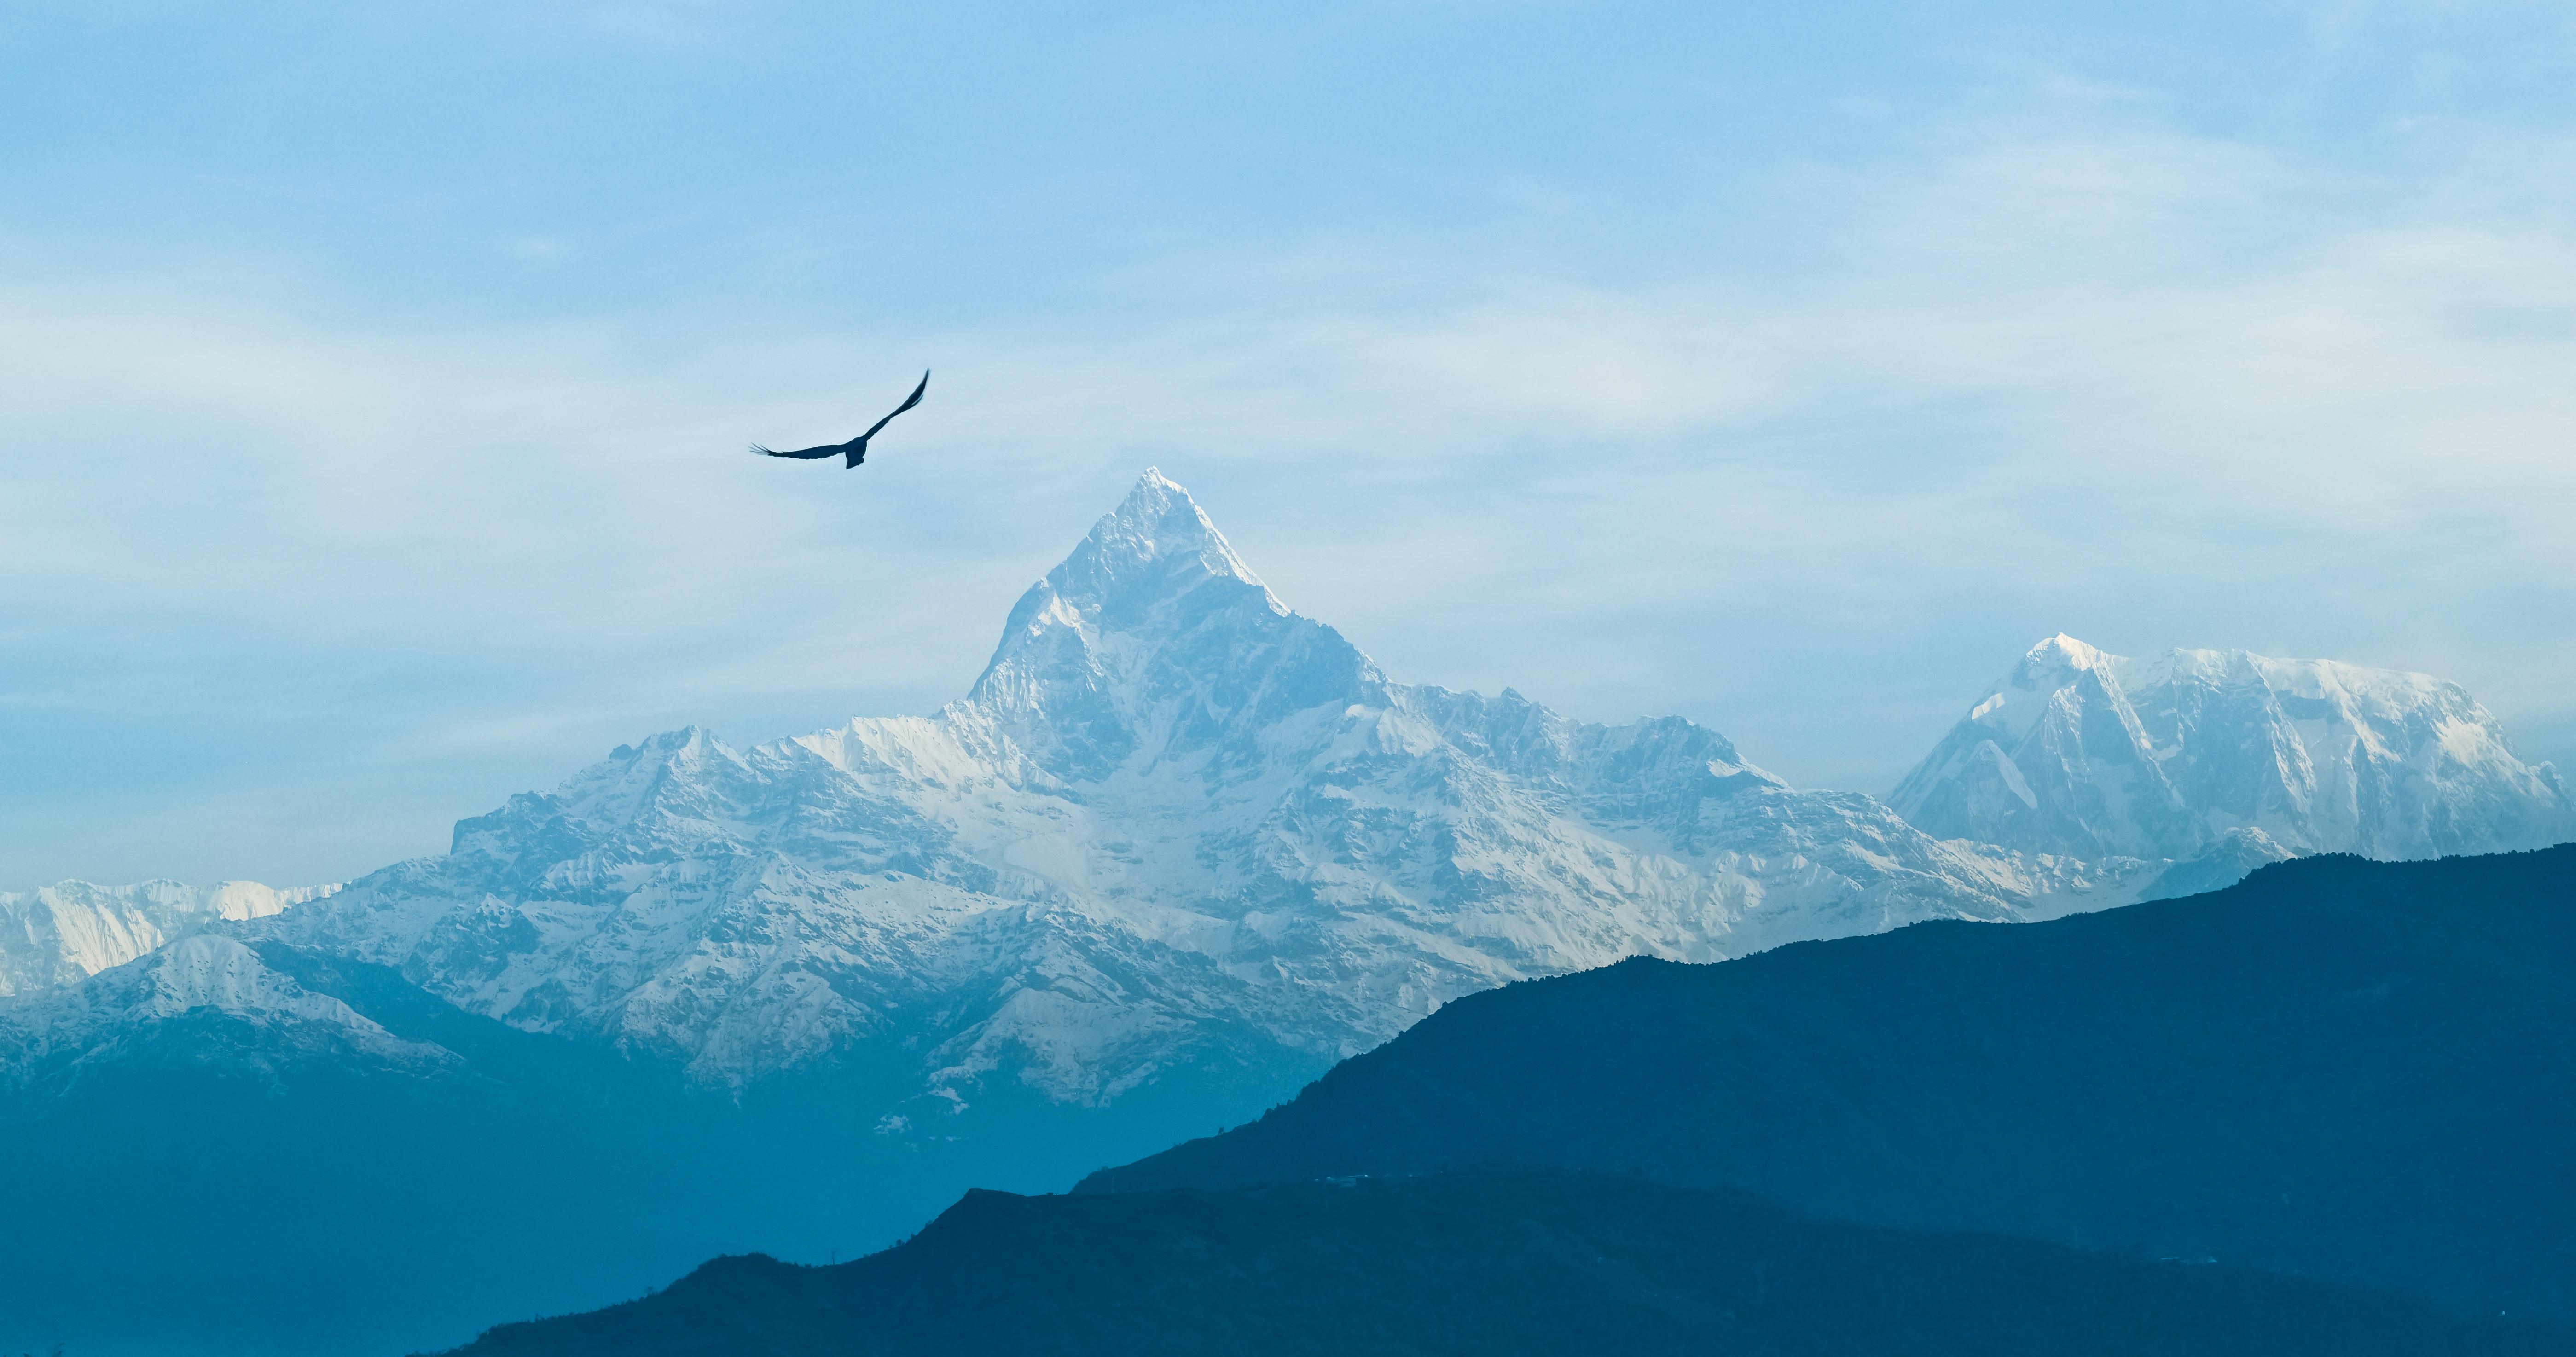 Gambar Pemandangan Gunung Burung Langit Pegunungan Berkabut